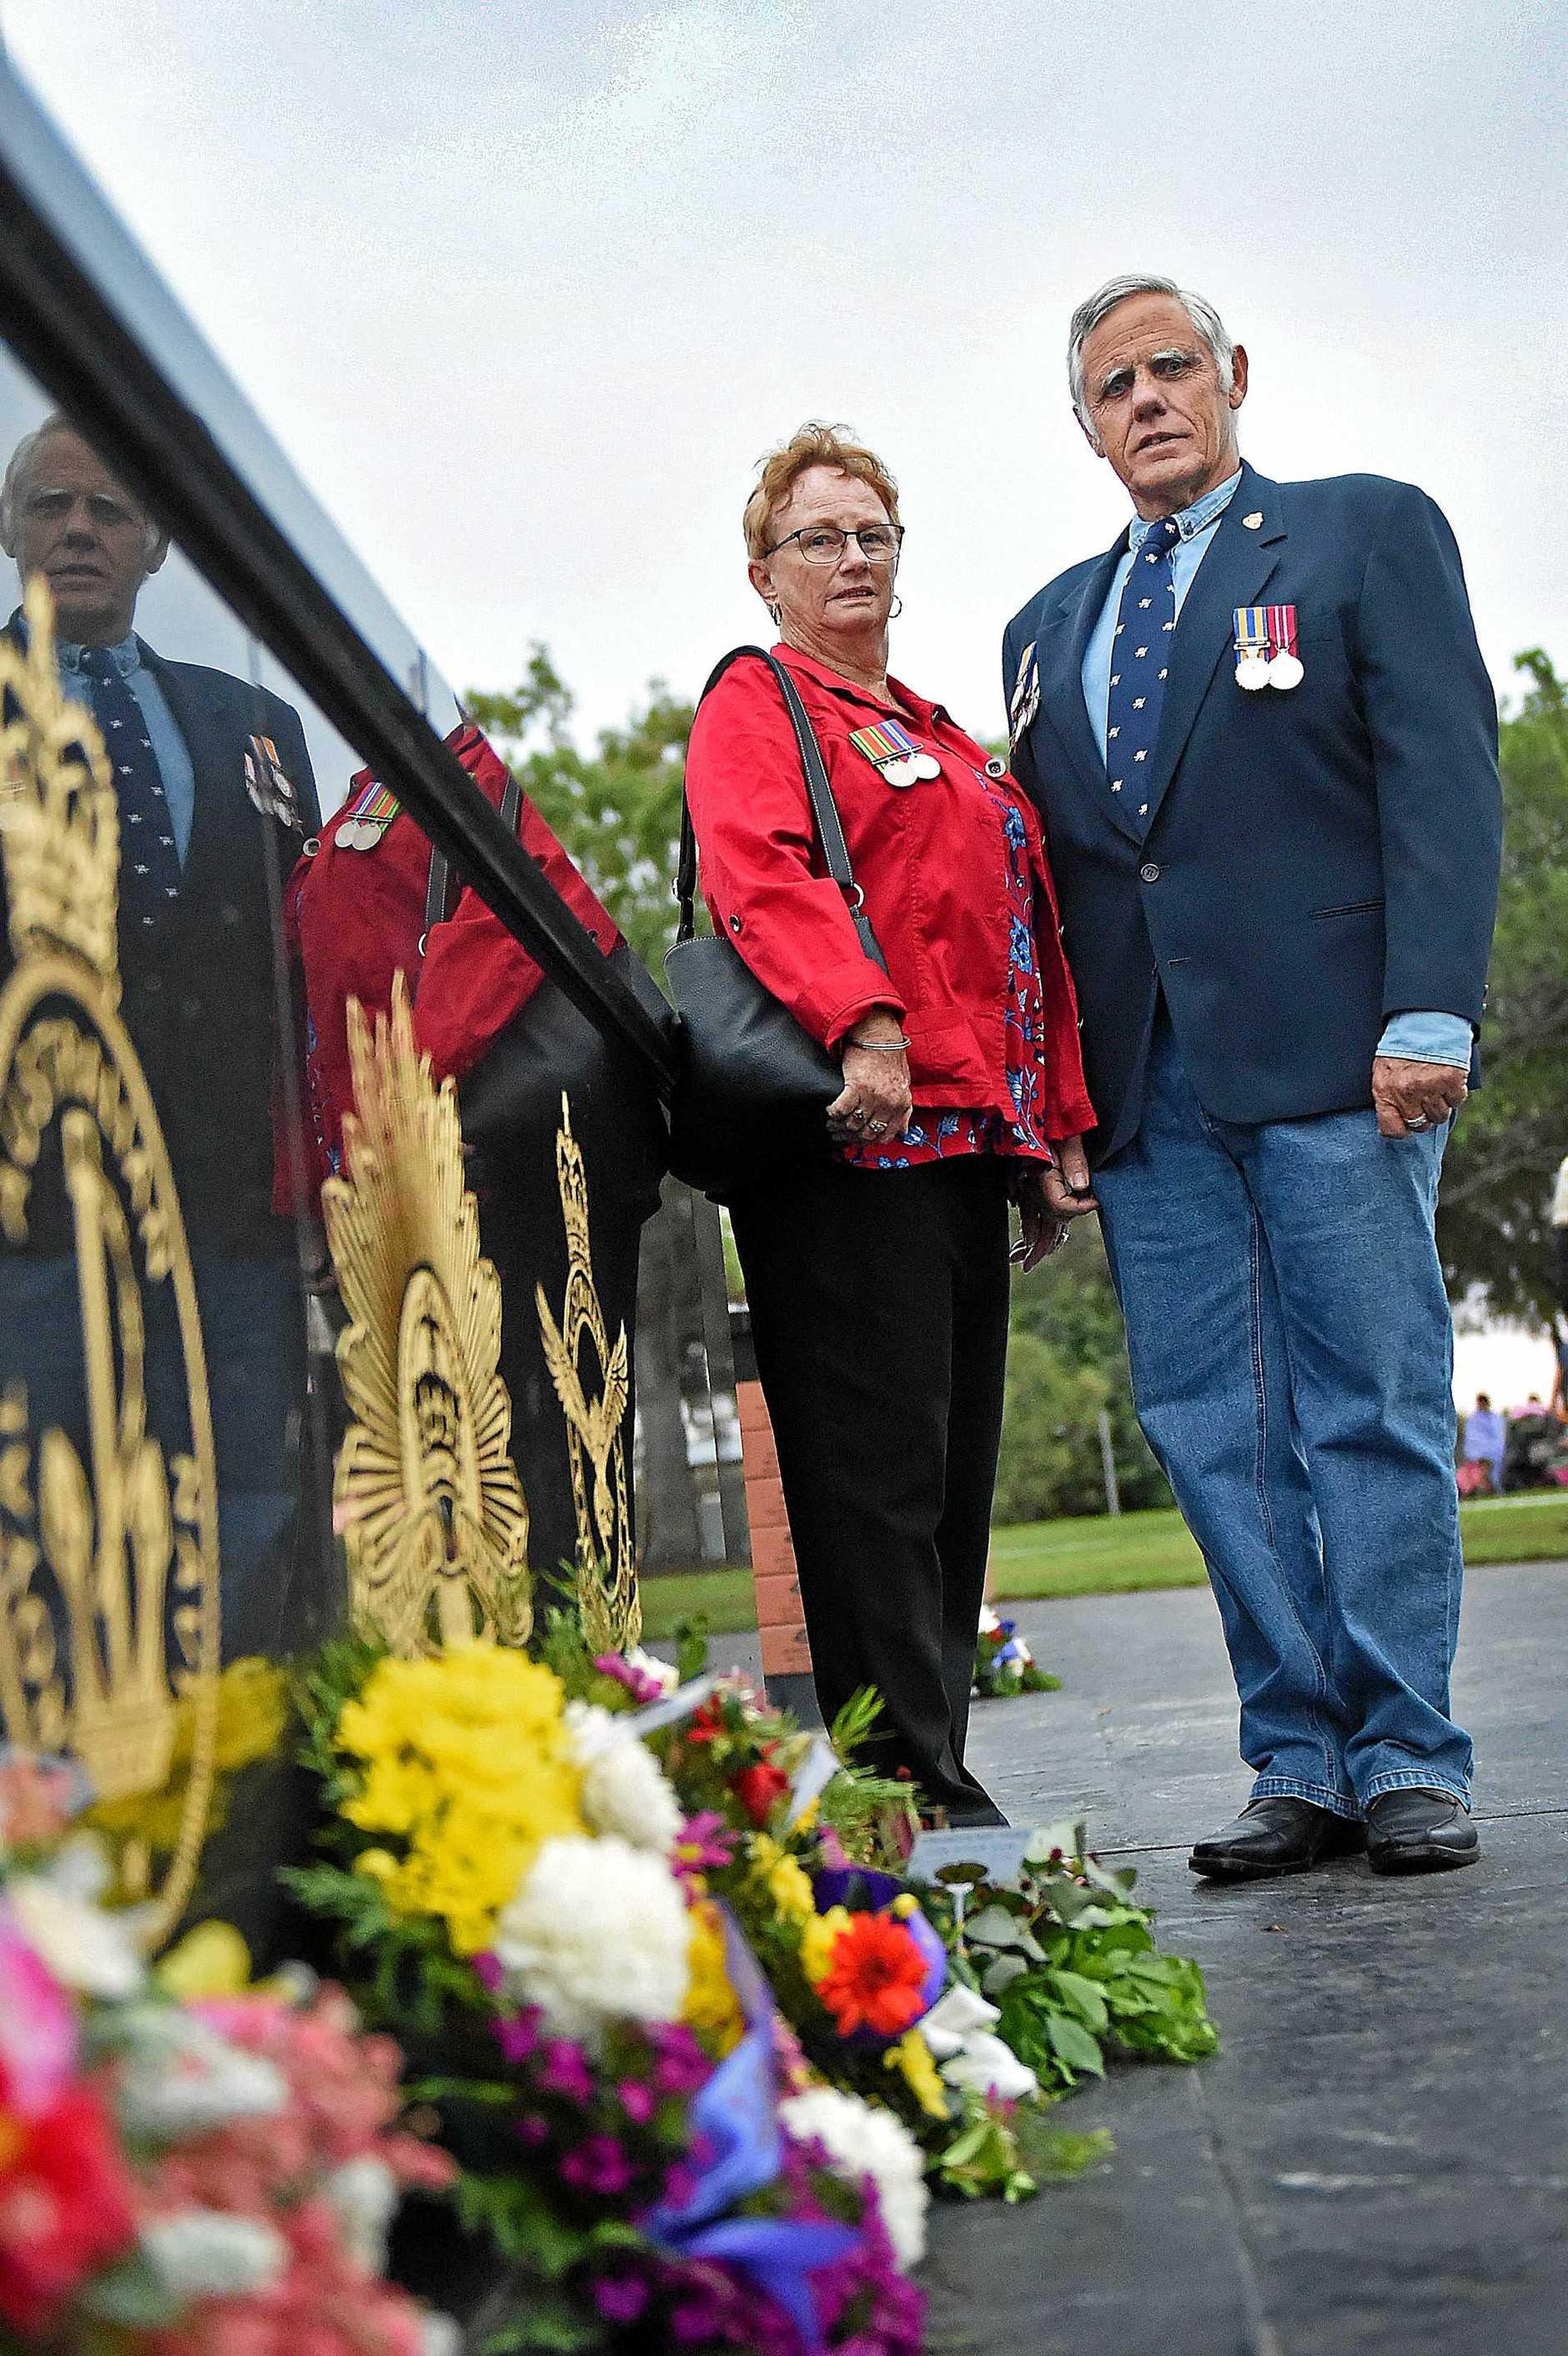 ANZAC day dawn service in Hervey Bay - Graeme Herridge and Helen Whitmore.